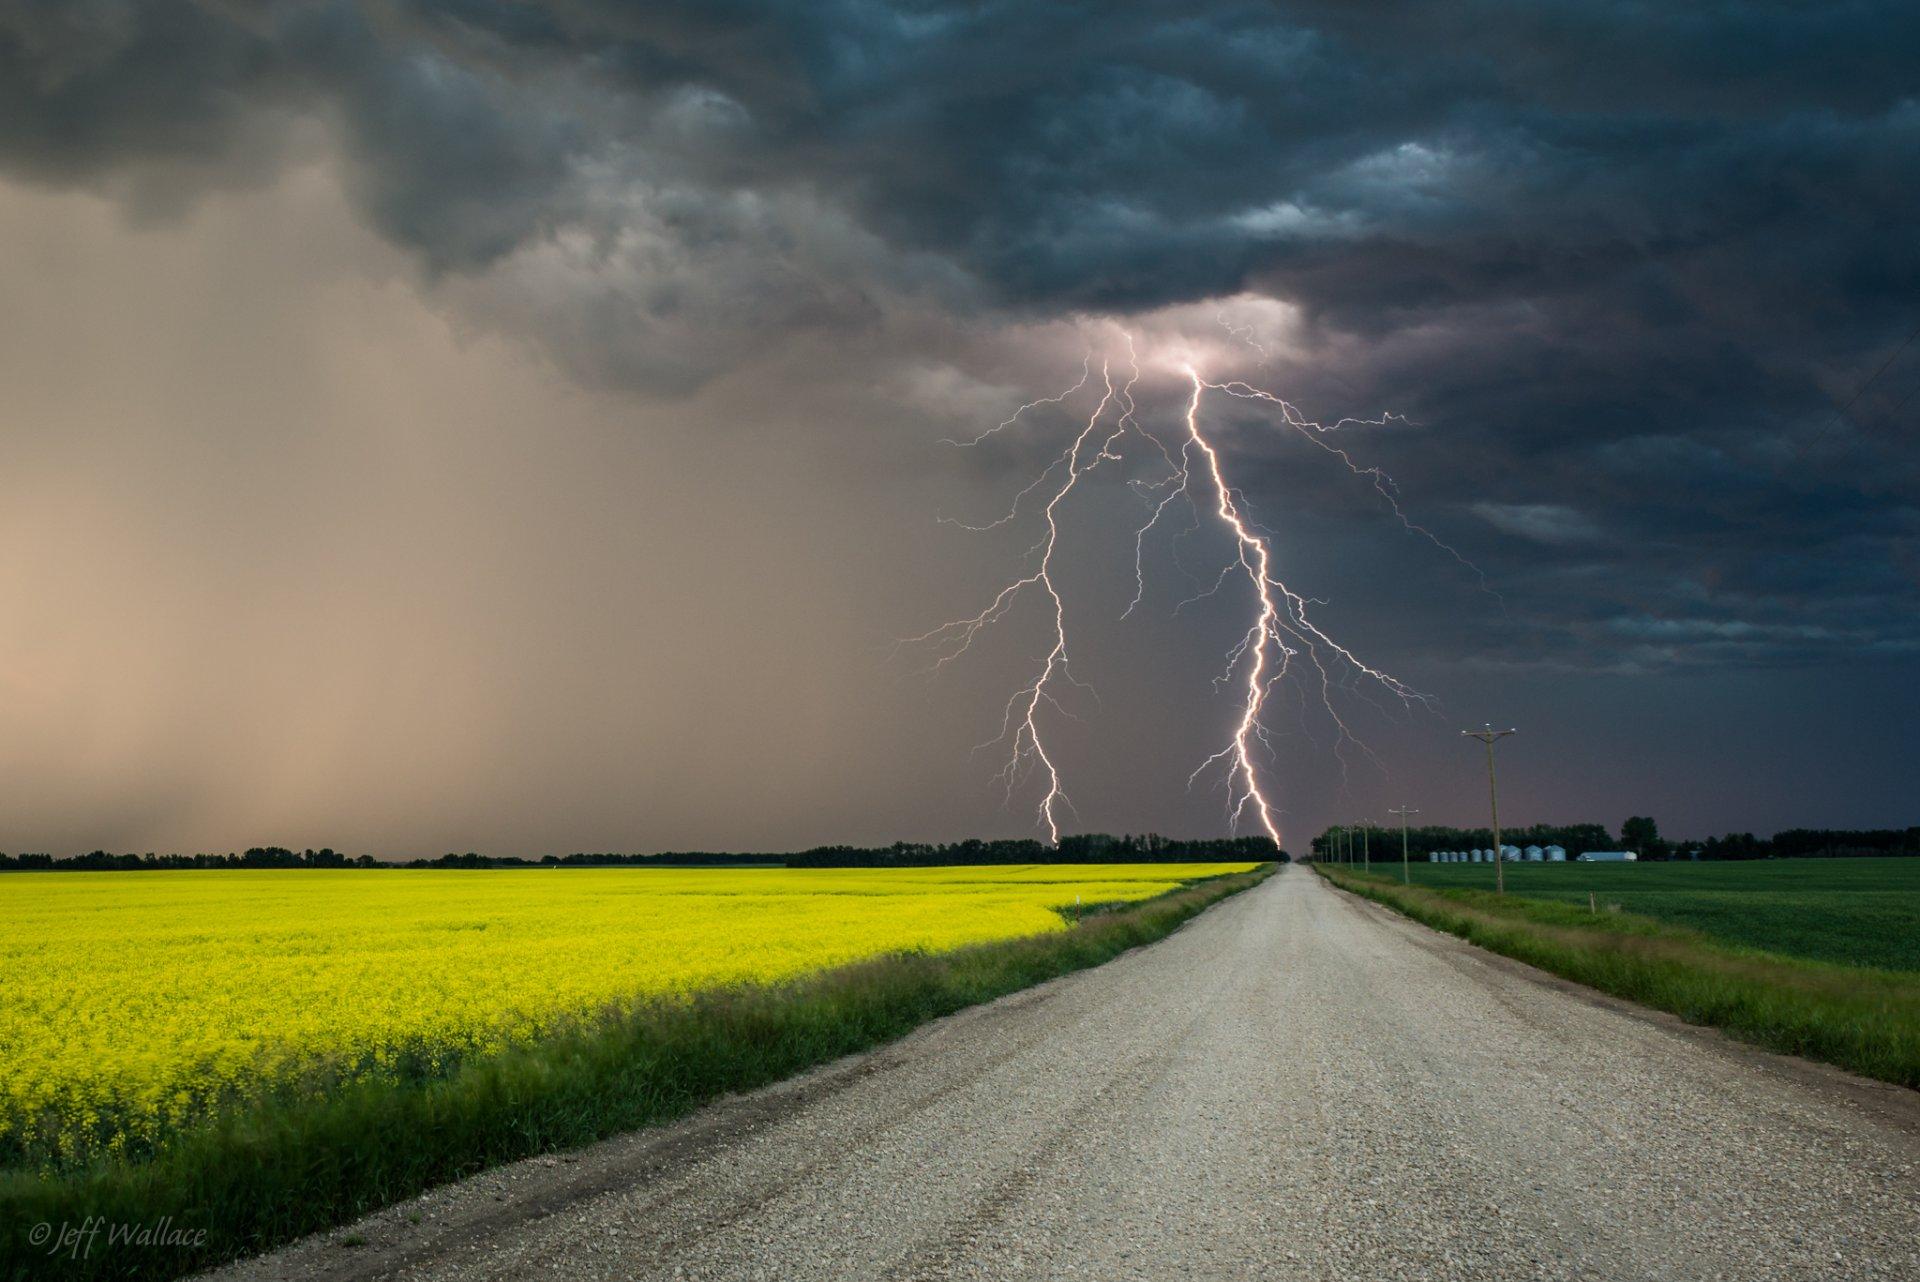 картинки гроза и молния дождь шьямалана, что одной